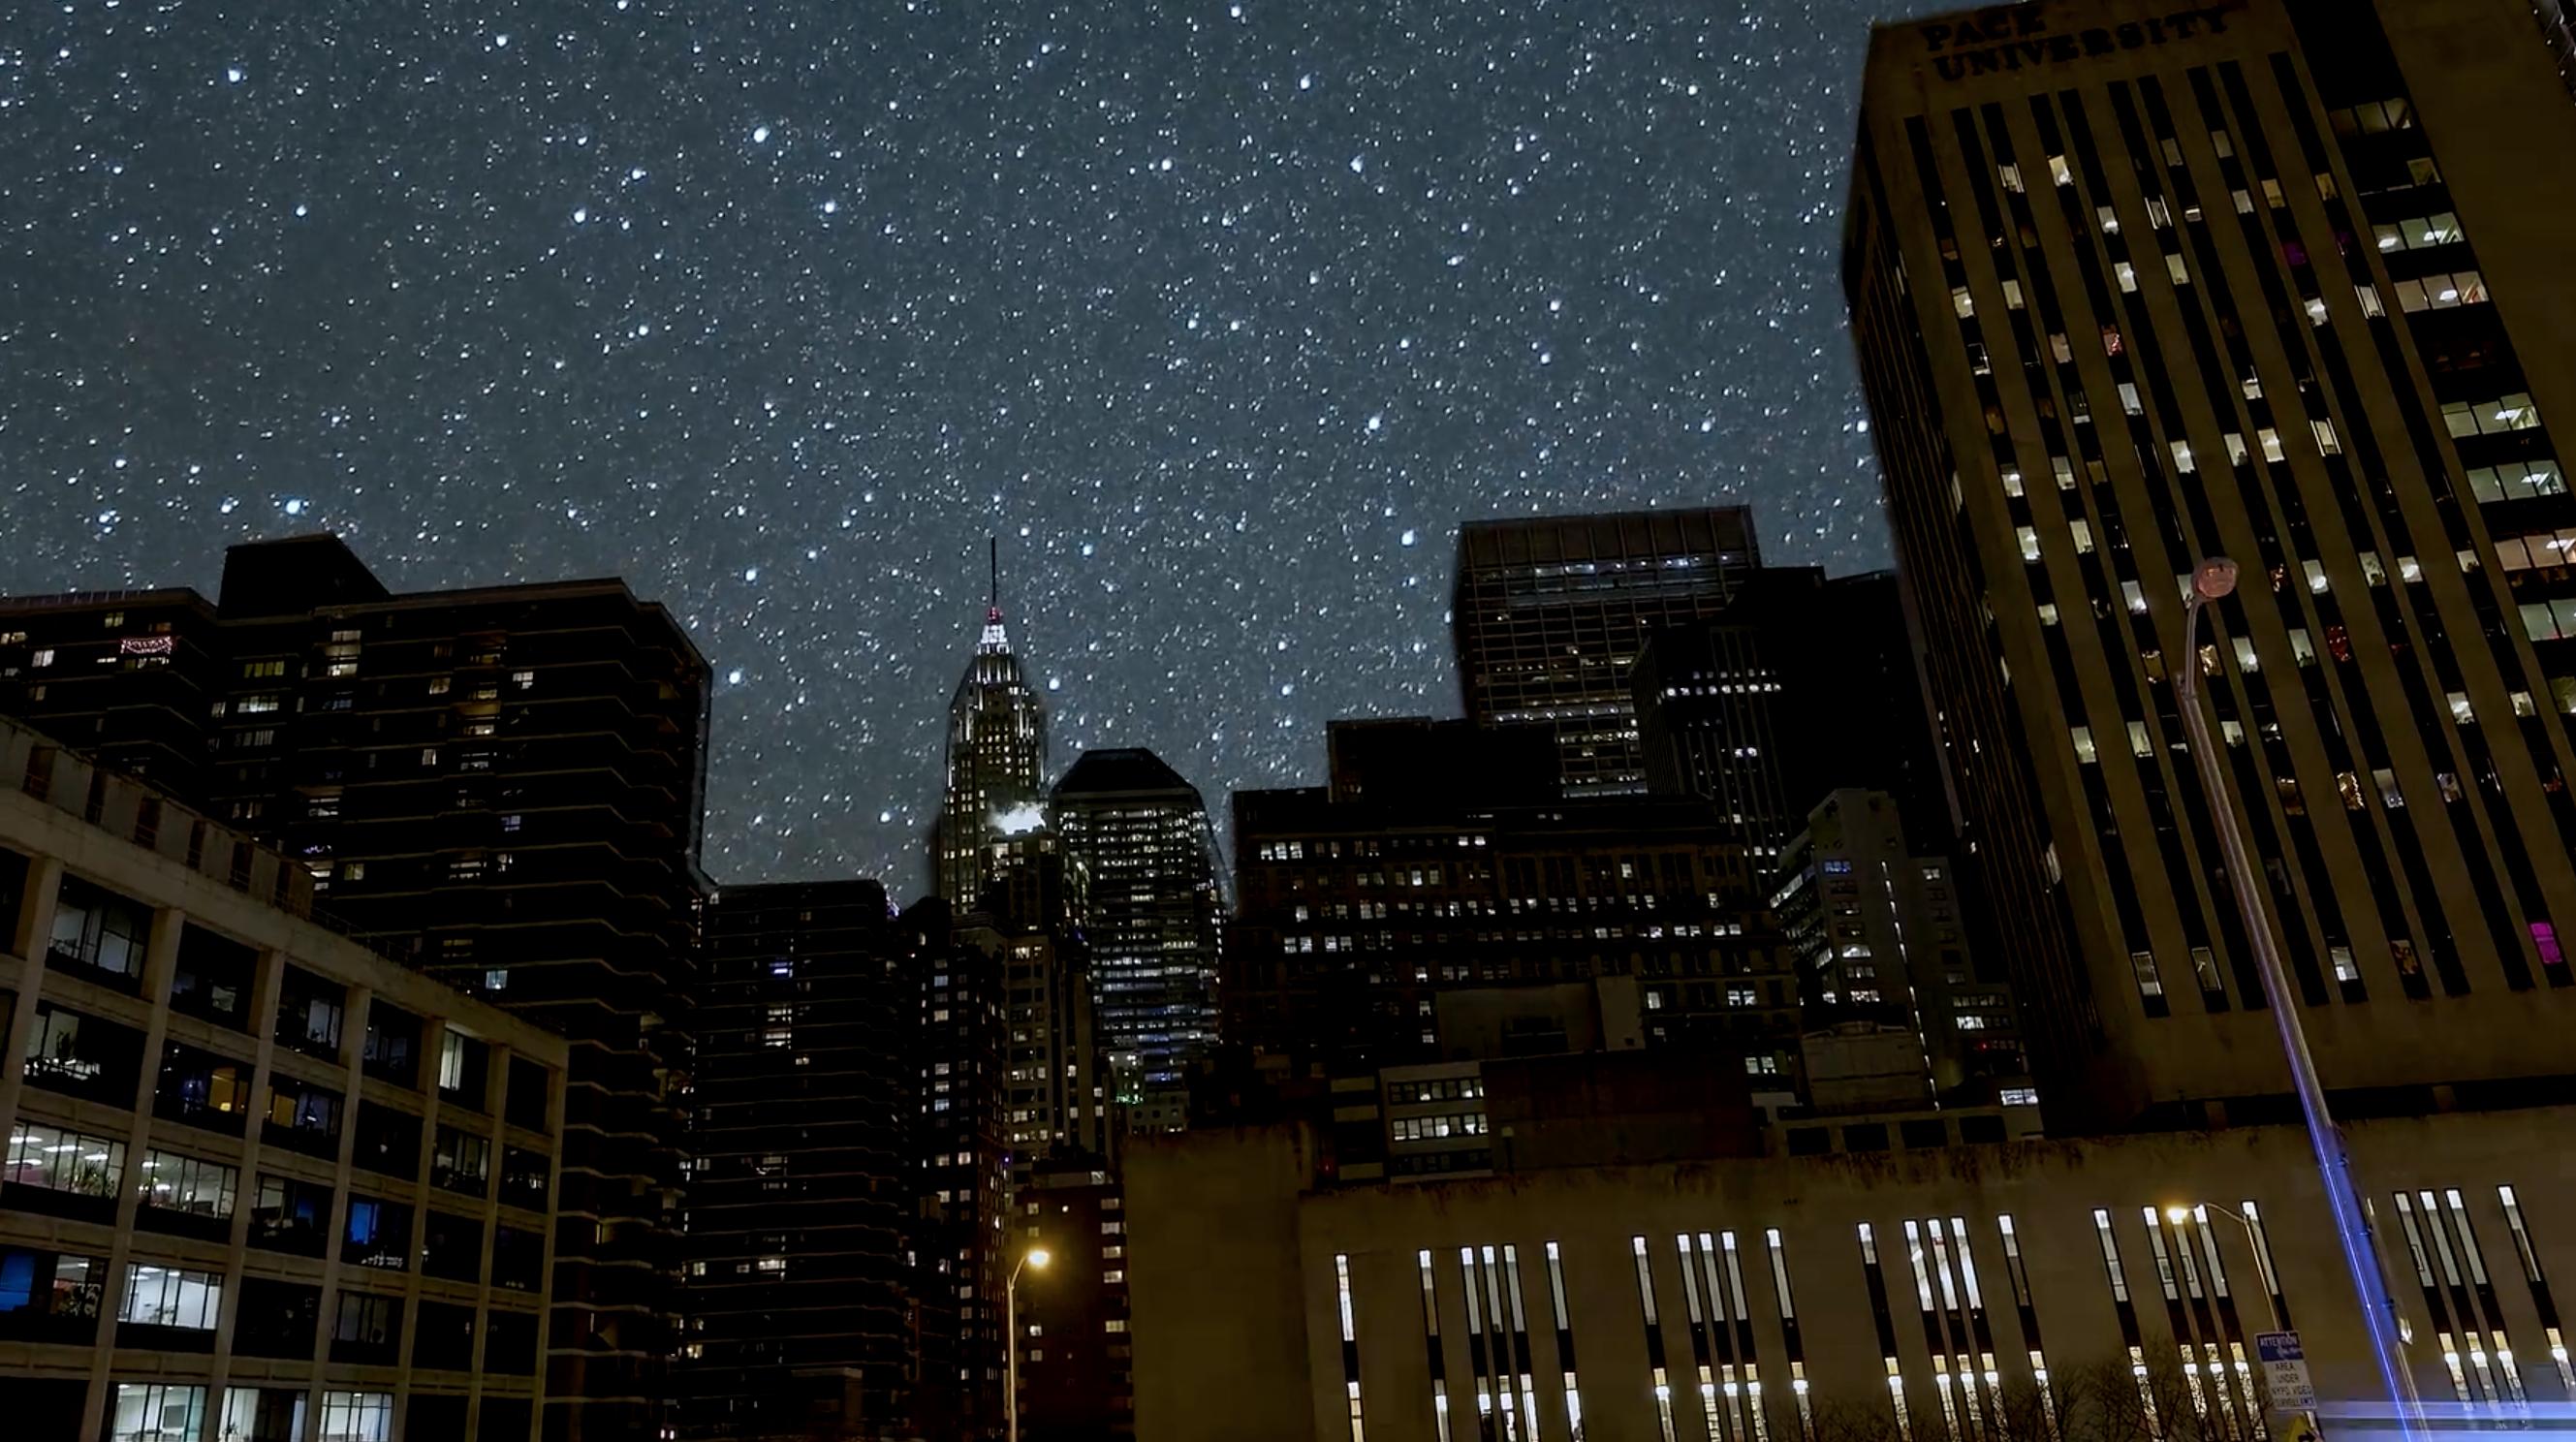 свет ночного города тает на земле - 12